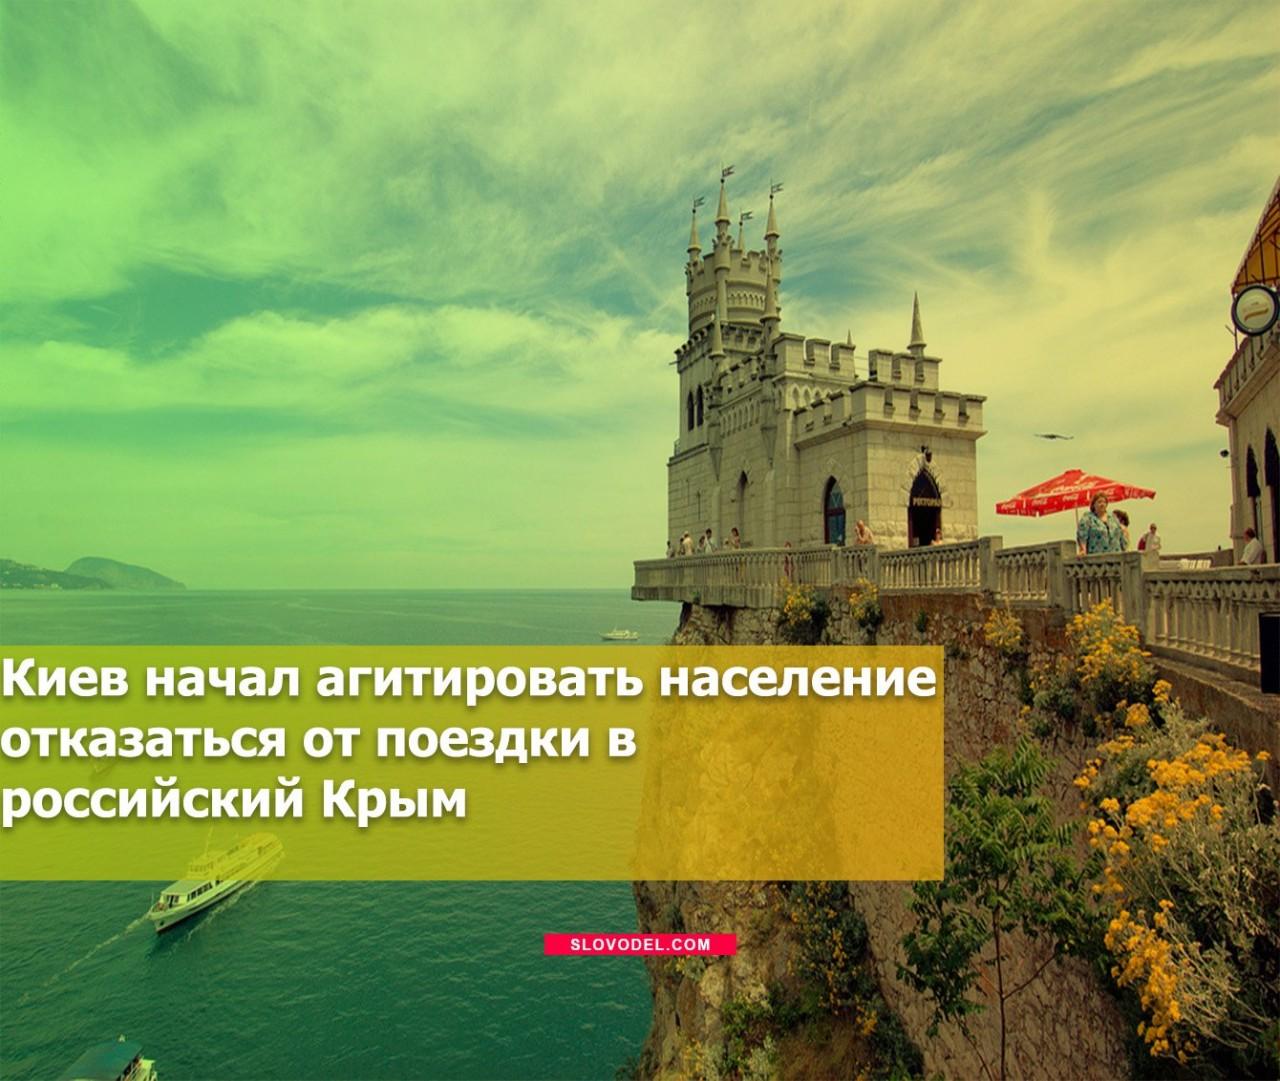 Киев начал агитировать население отказаться от поездки в российский Крым